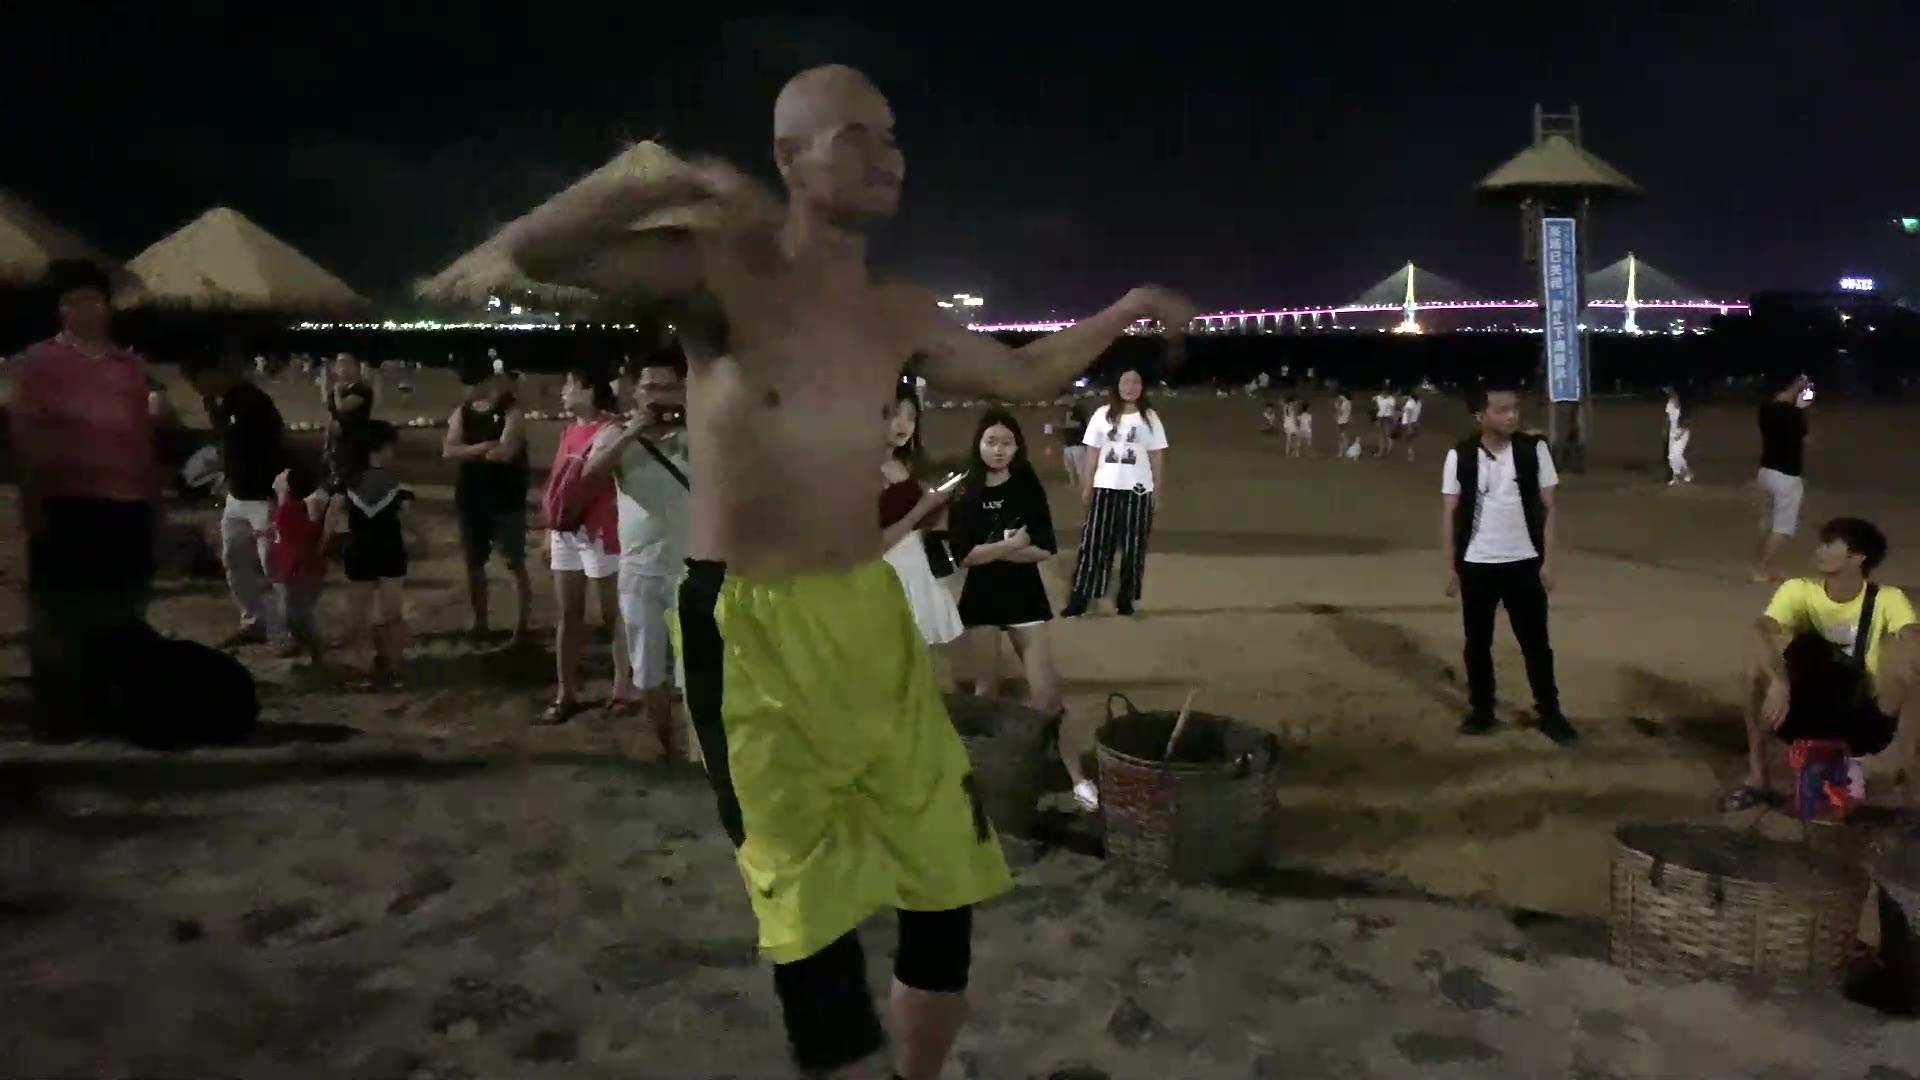 这就是传说中的湛江金沙湾舞王